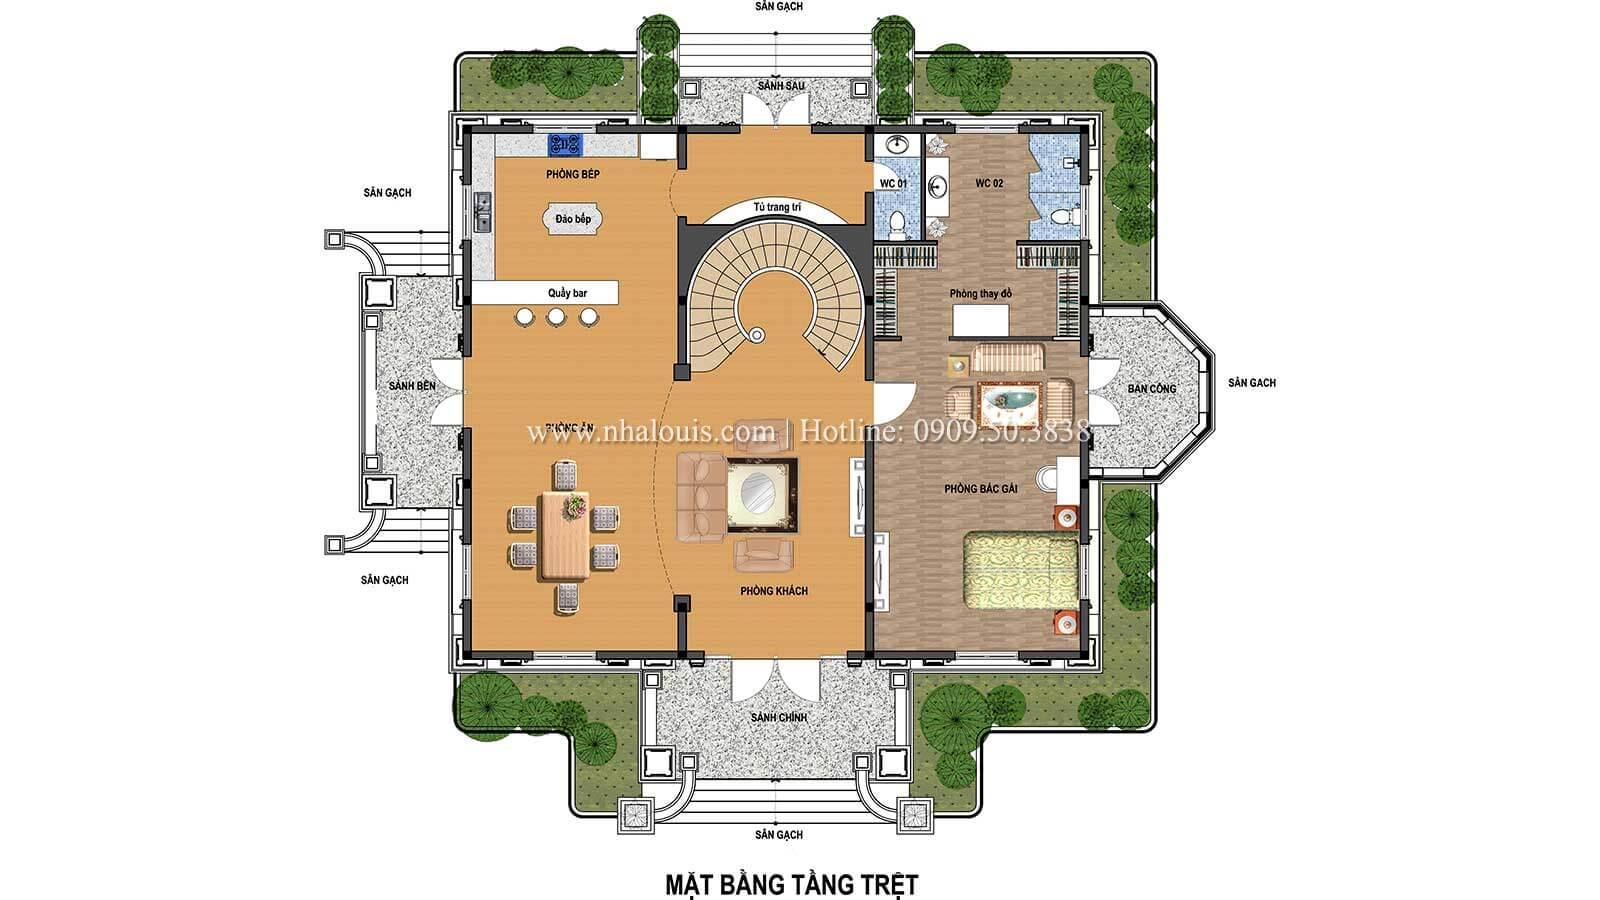 Mặt bằng tầng trệt Biệt thự châu Âu cổ điển chuẩn đẳng cấp tại Kiên Giang - 06